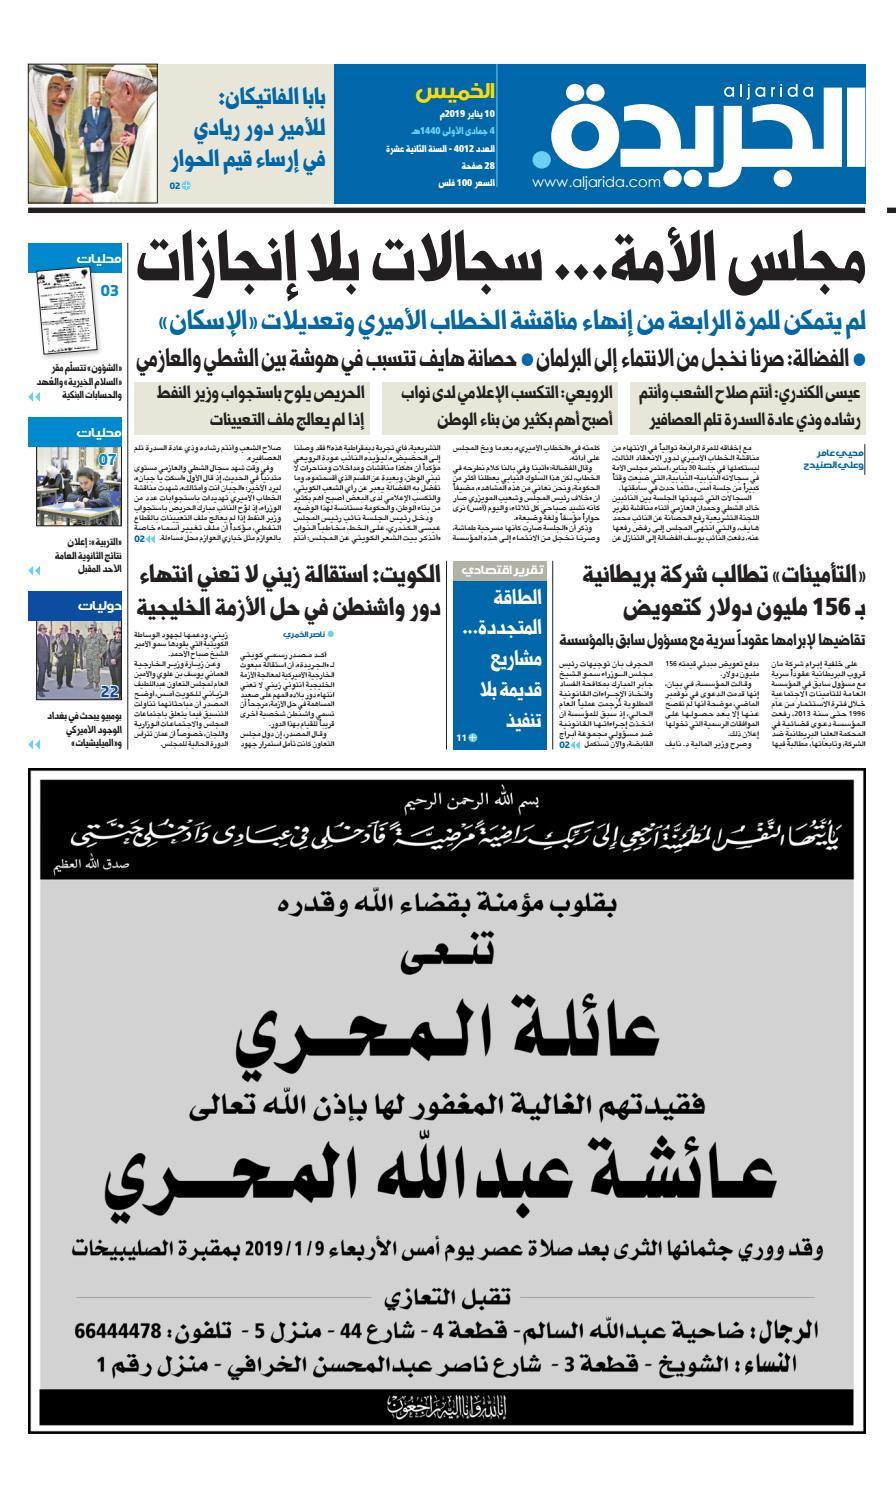 عدد الجريدة الخميس 10 يناير 2019 By Aljarida Newspaper Issuu